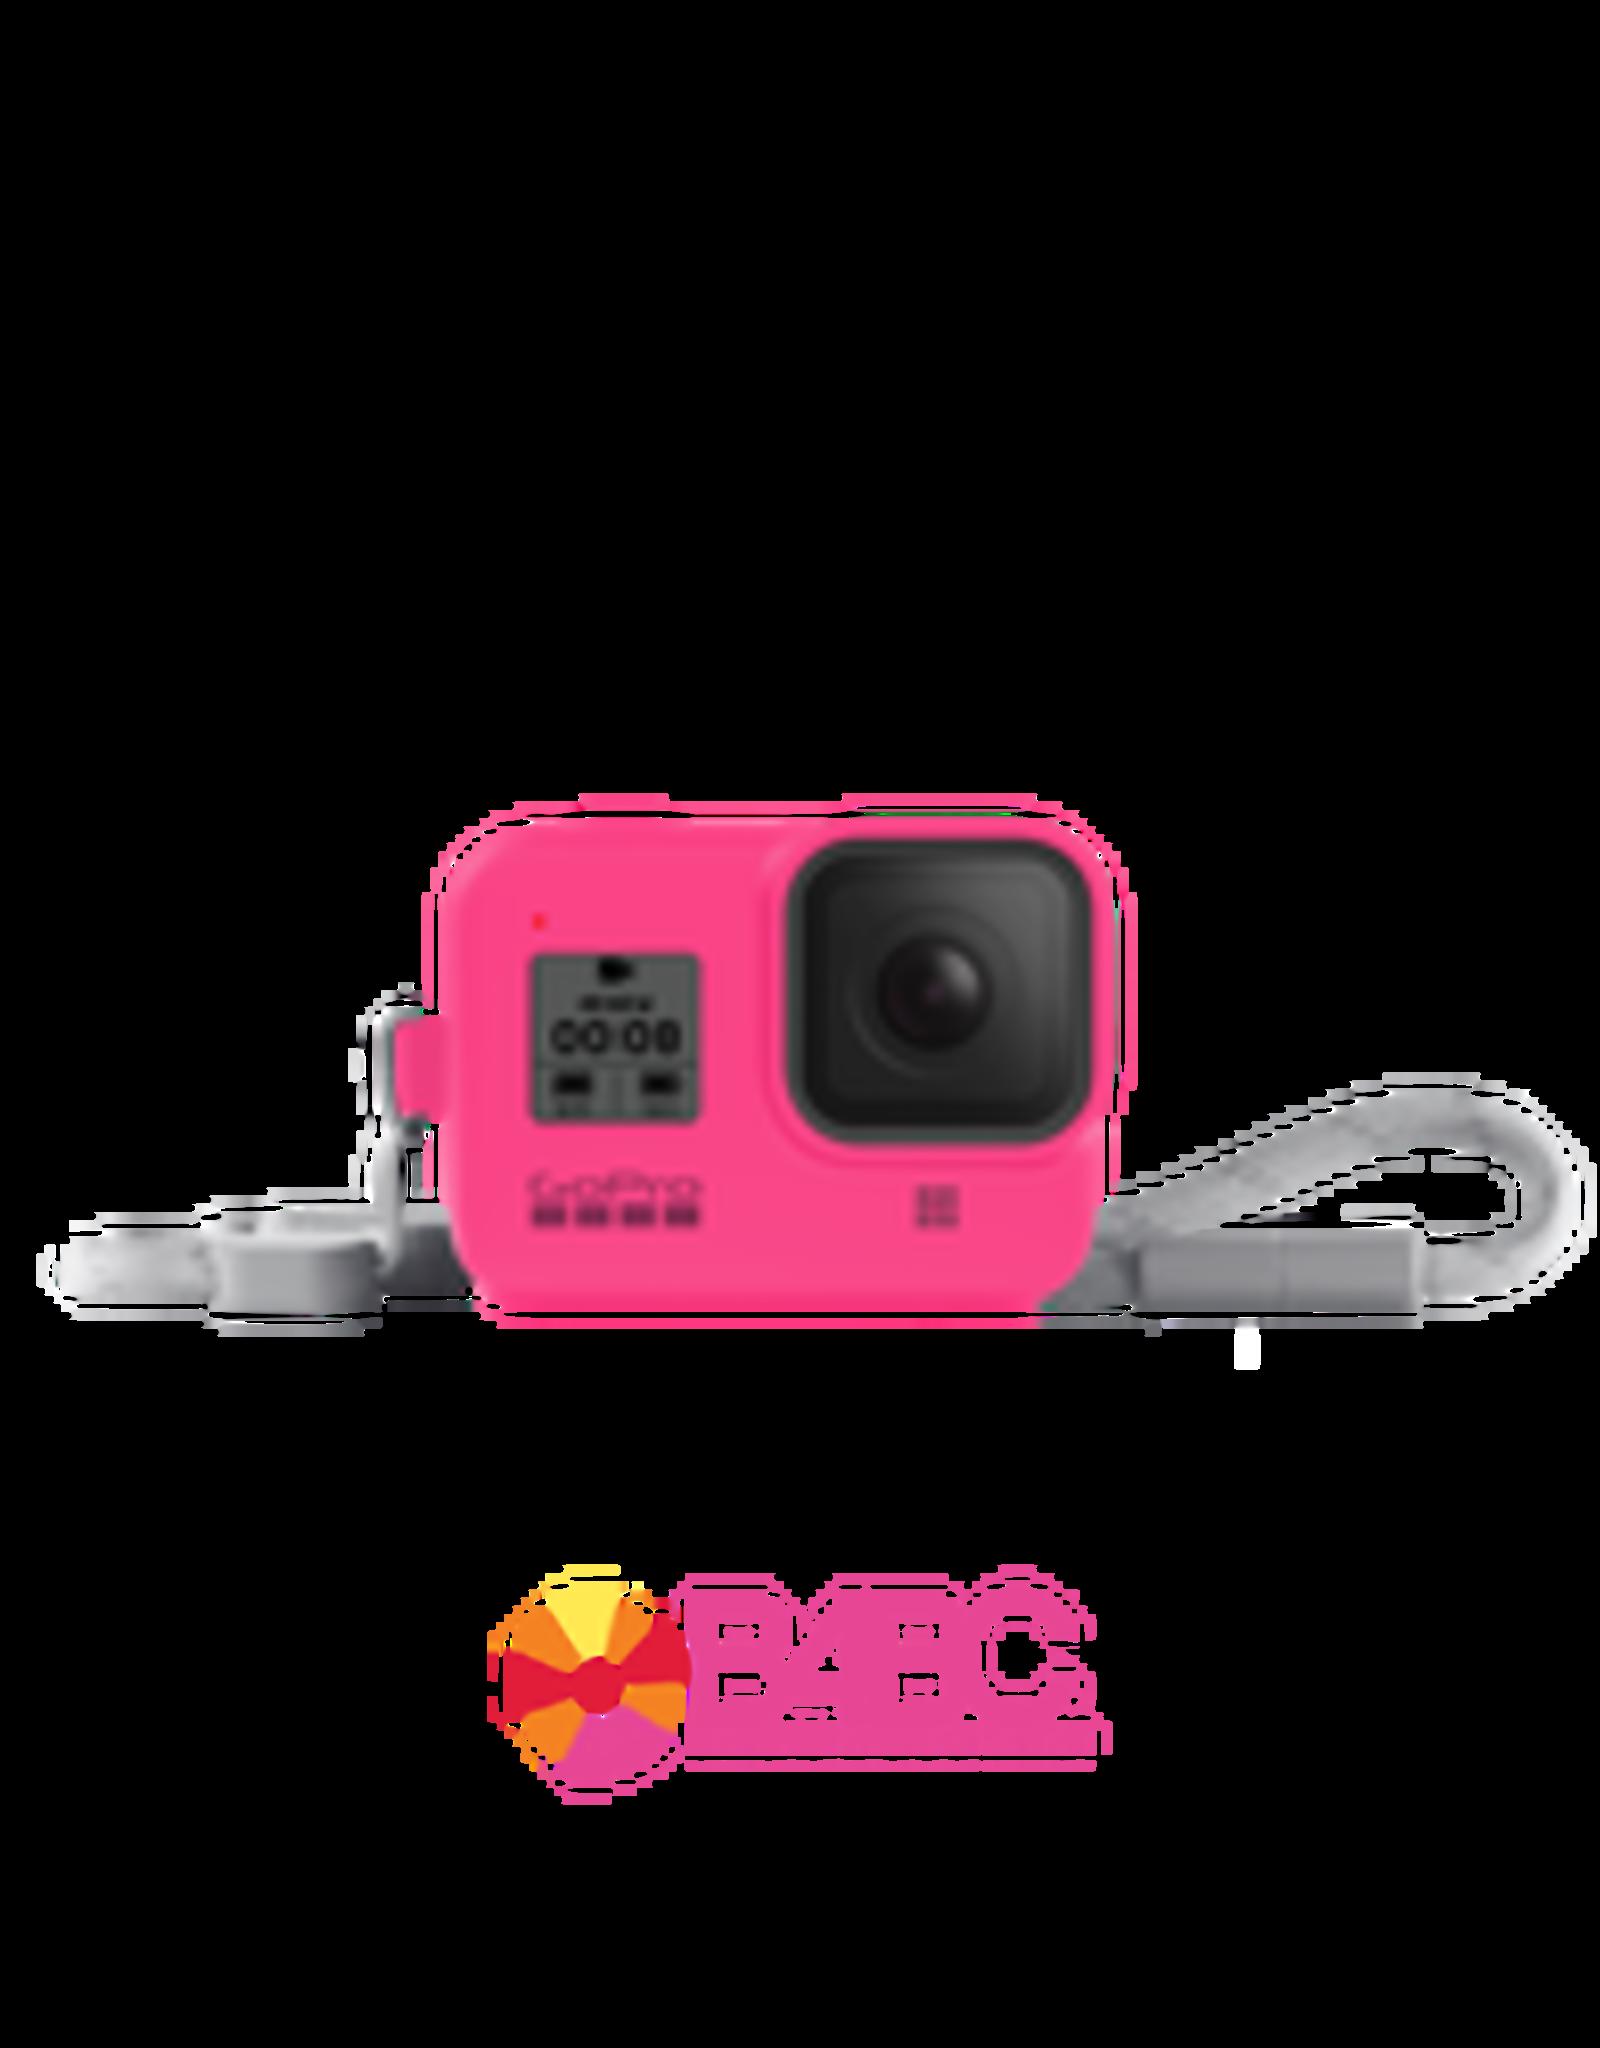 GoPro GoPro Sleeve + Lanyard (HERO8 Black) Electric Pink